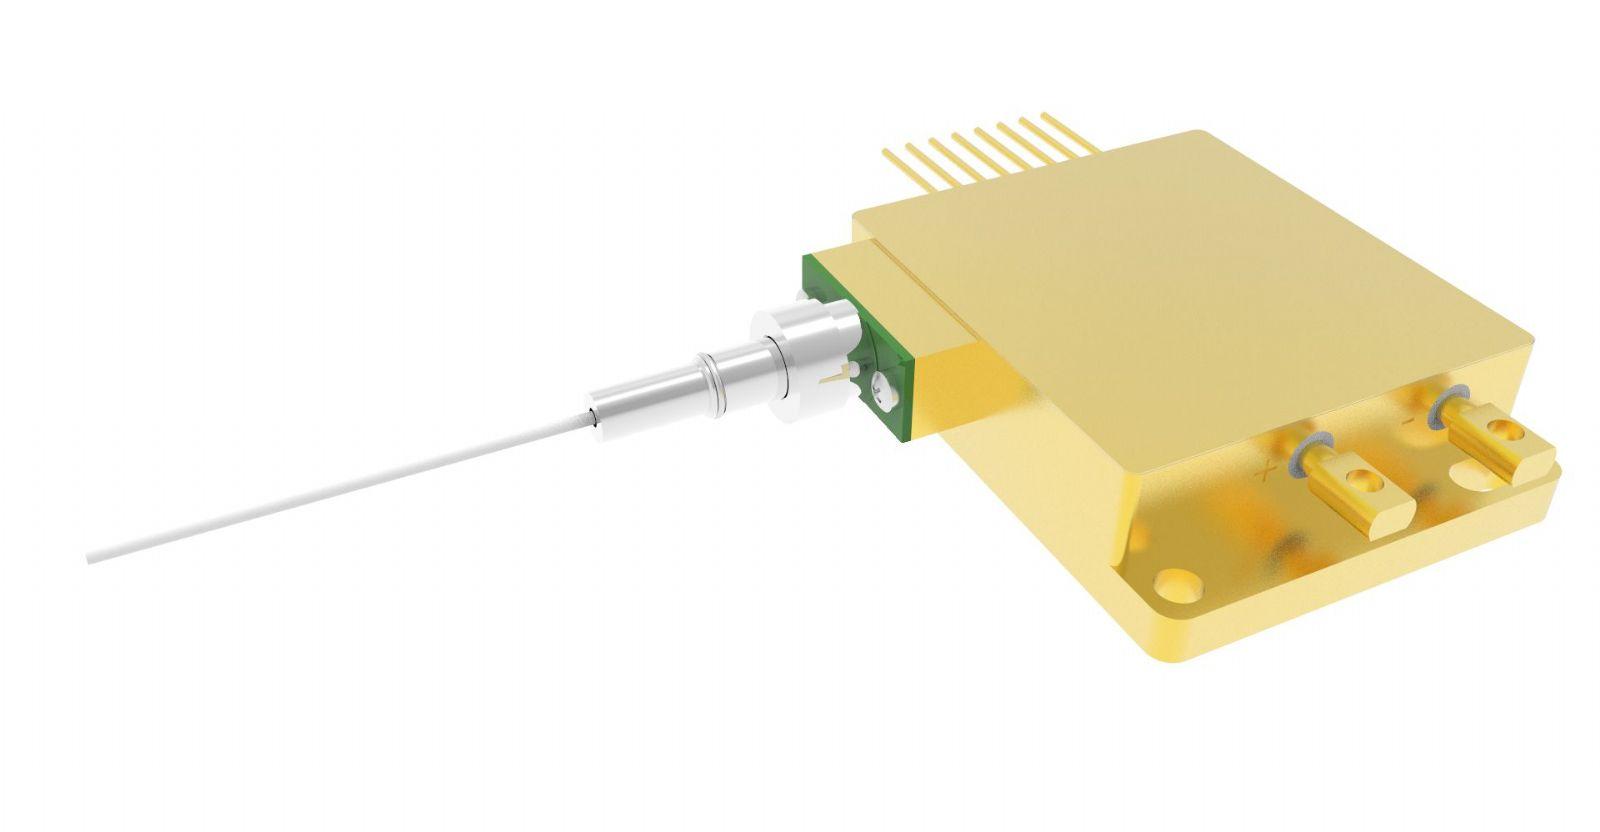 长光华芯泵浦源助推固体激光器发展